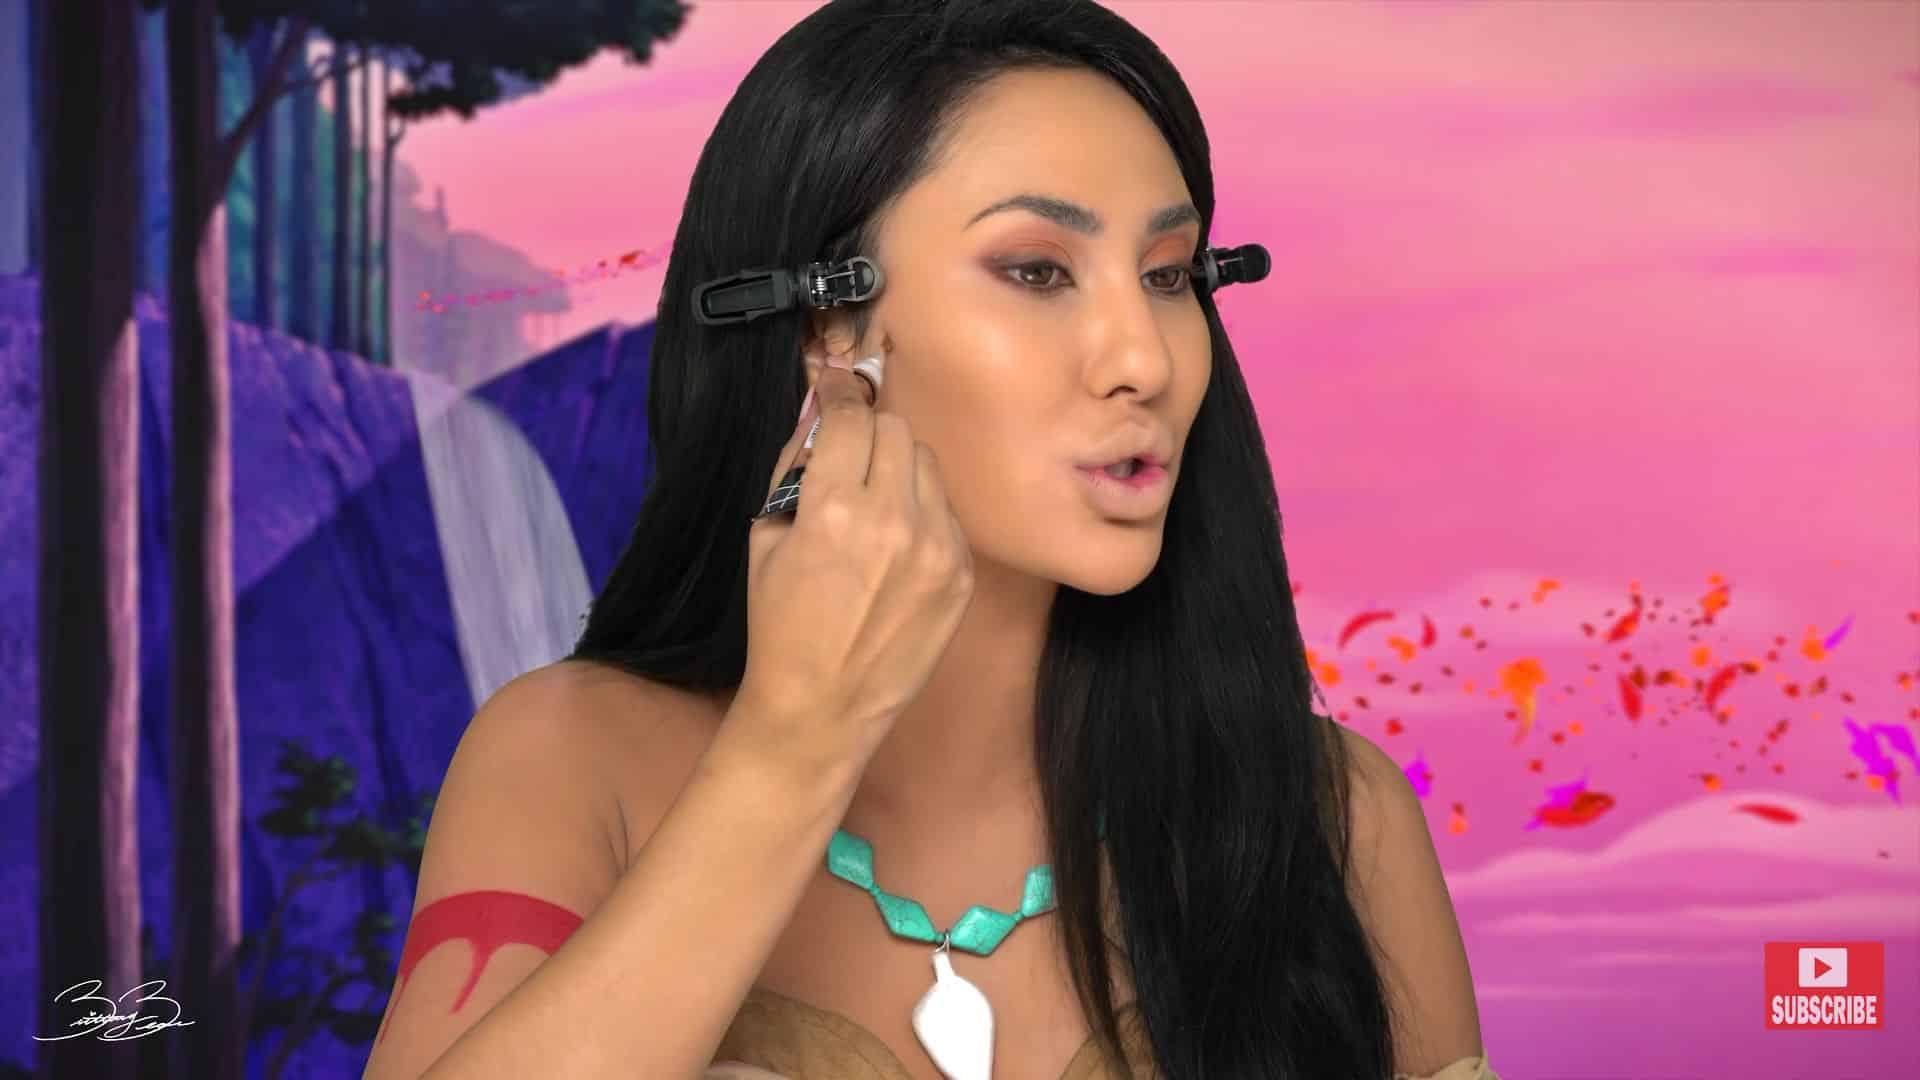 Maquíllate como la princesa Pocahontas,BrittanyBearMakeup 2020. marcar rasgos con corrector.